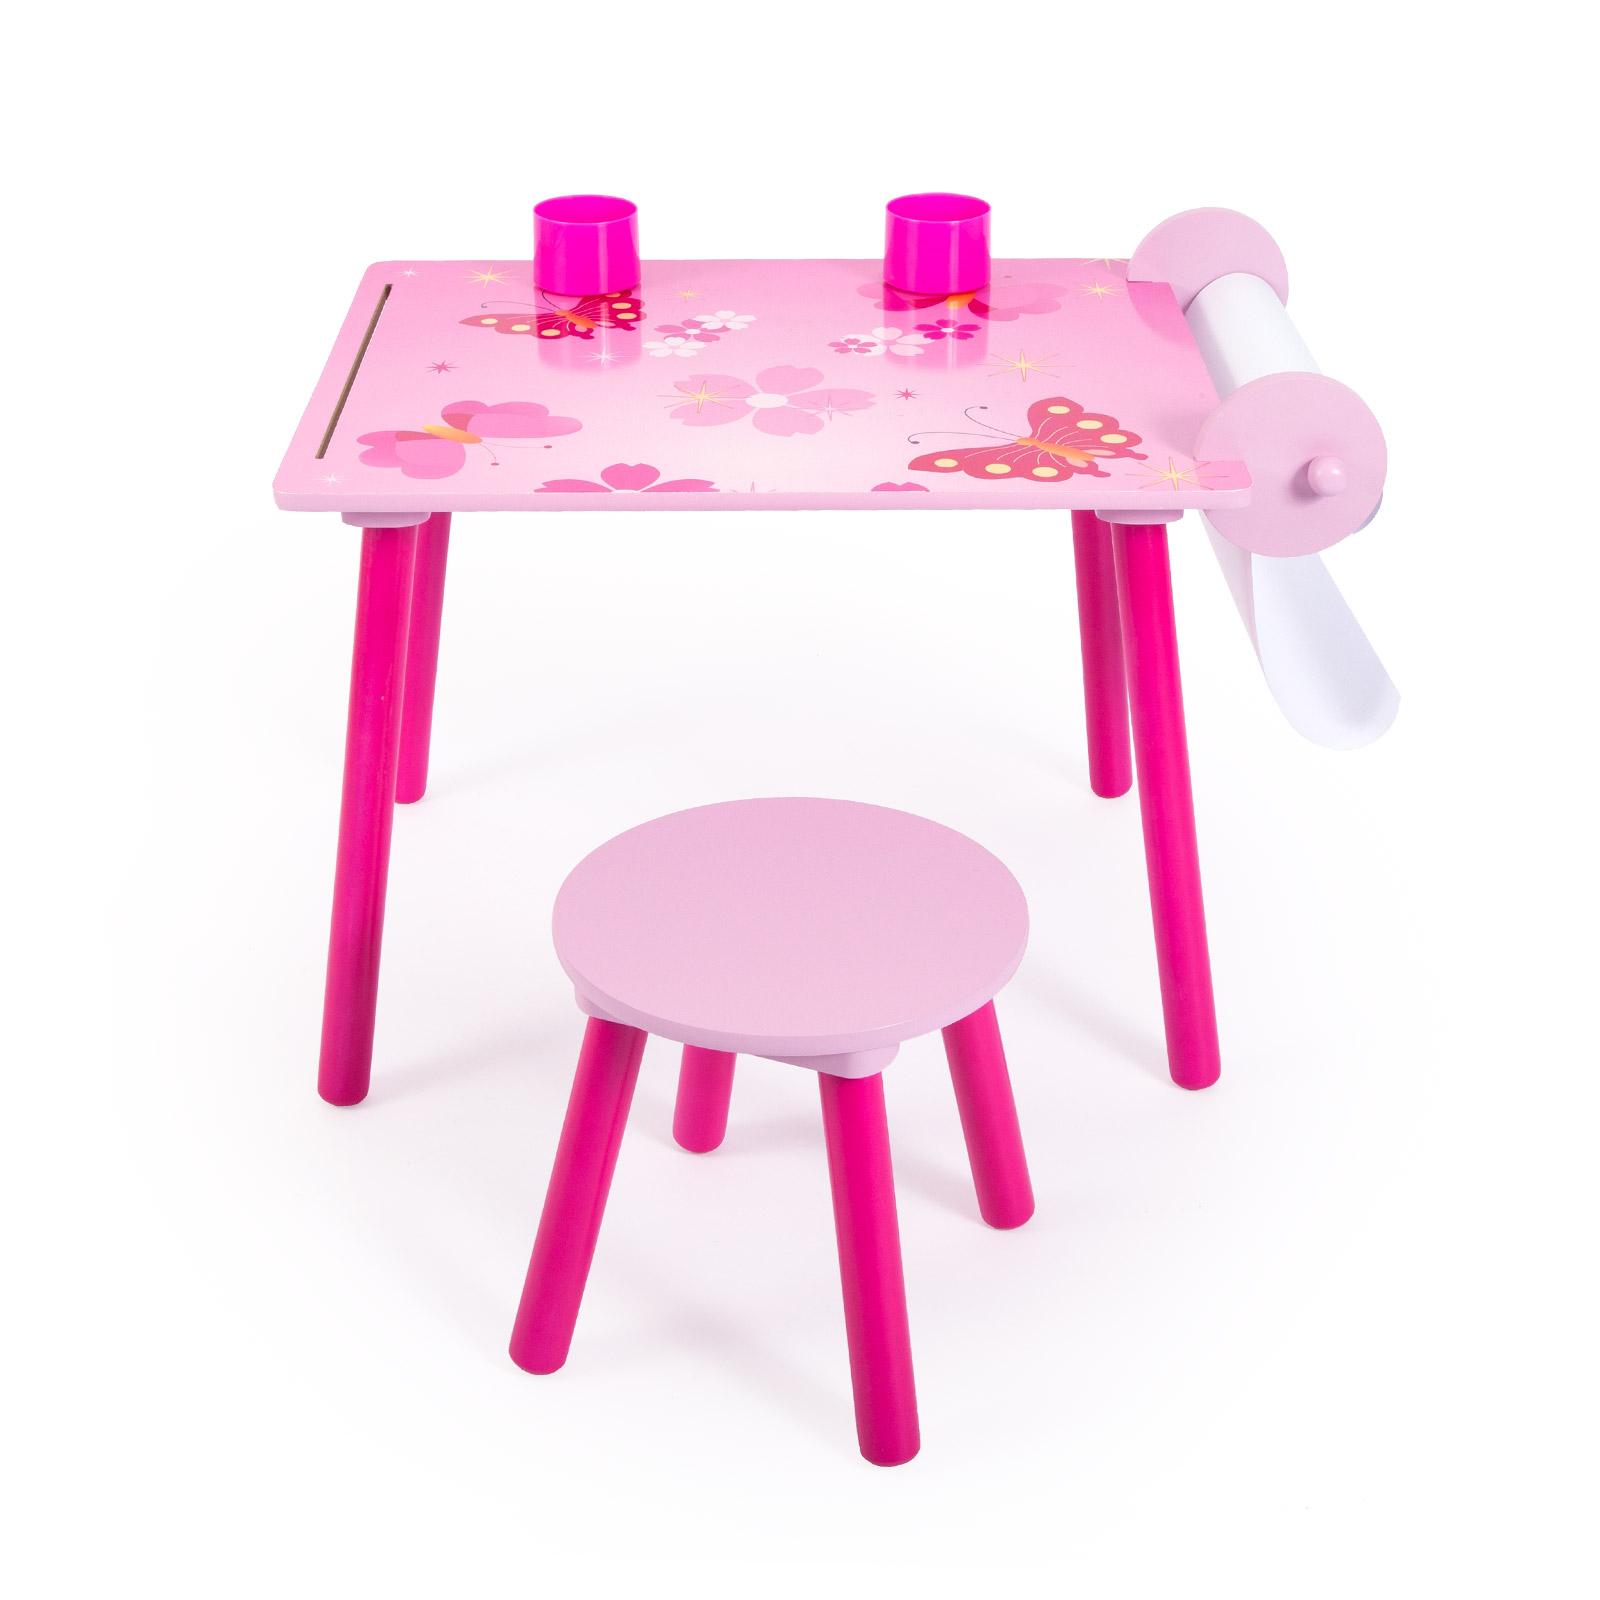 kindermaltisch zeichentisch kinder tisch stuhl spieltisch kindertisch maltisch ebay